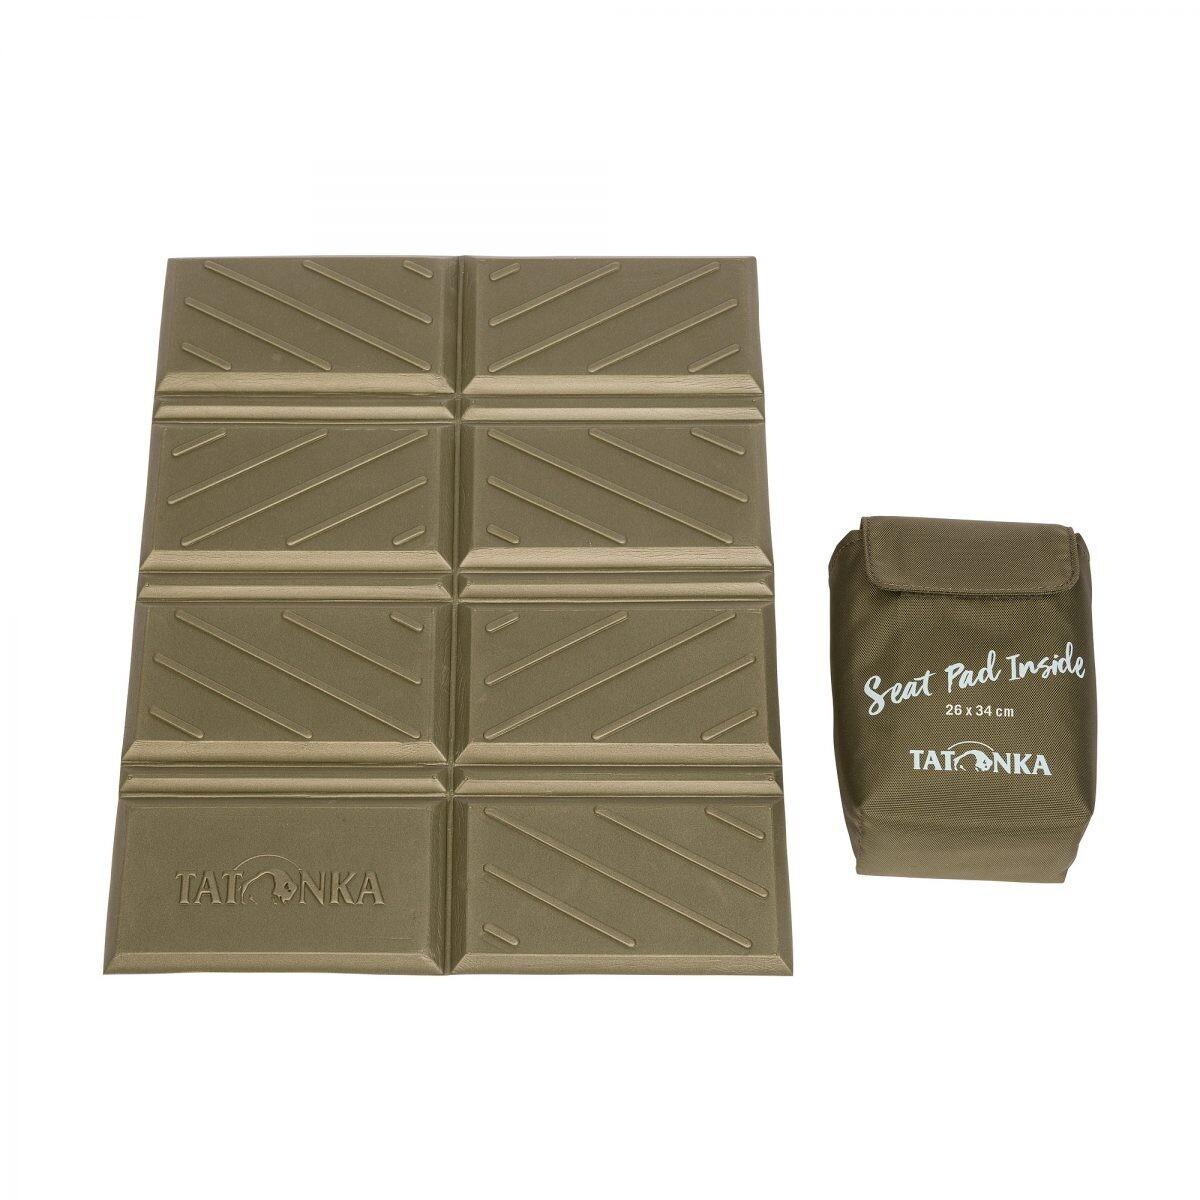 TATONKA Foldable Seat Mat